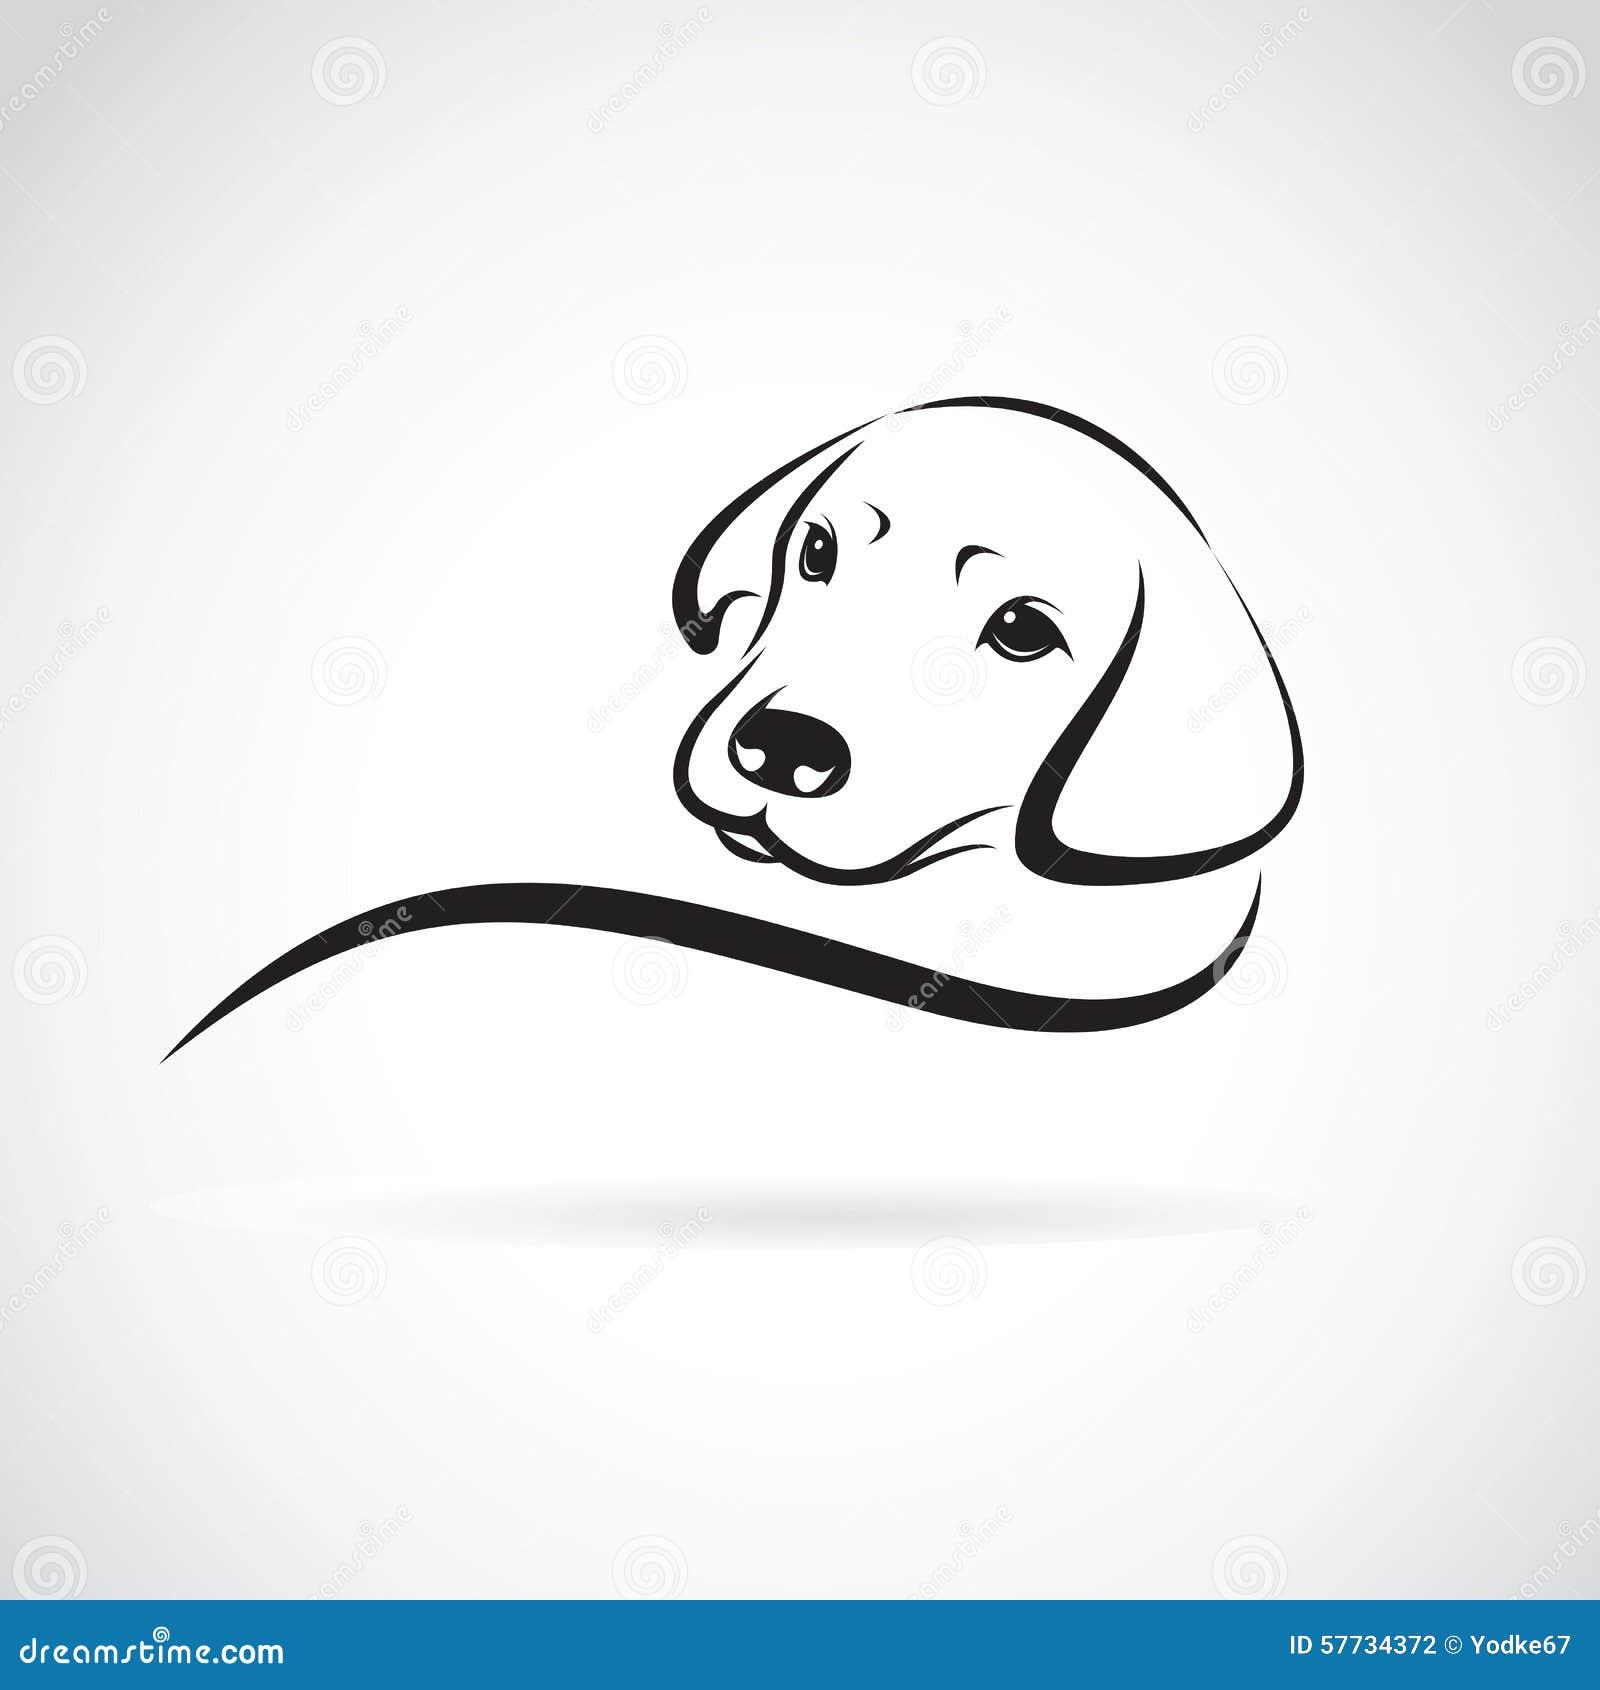 Immagine di vettore di un cane labrador illustrazione - Colorazione immagine di un cane ...